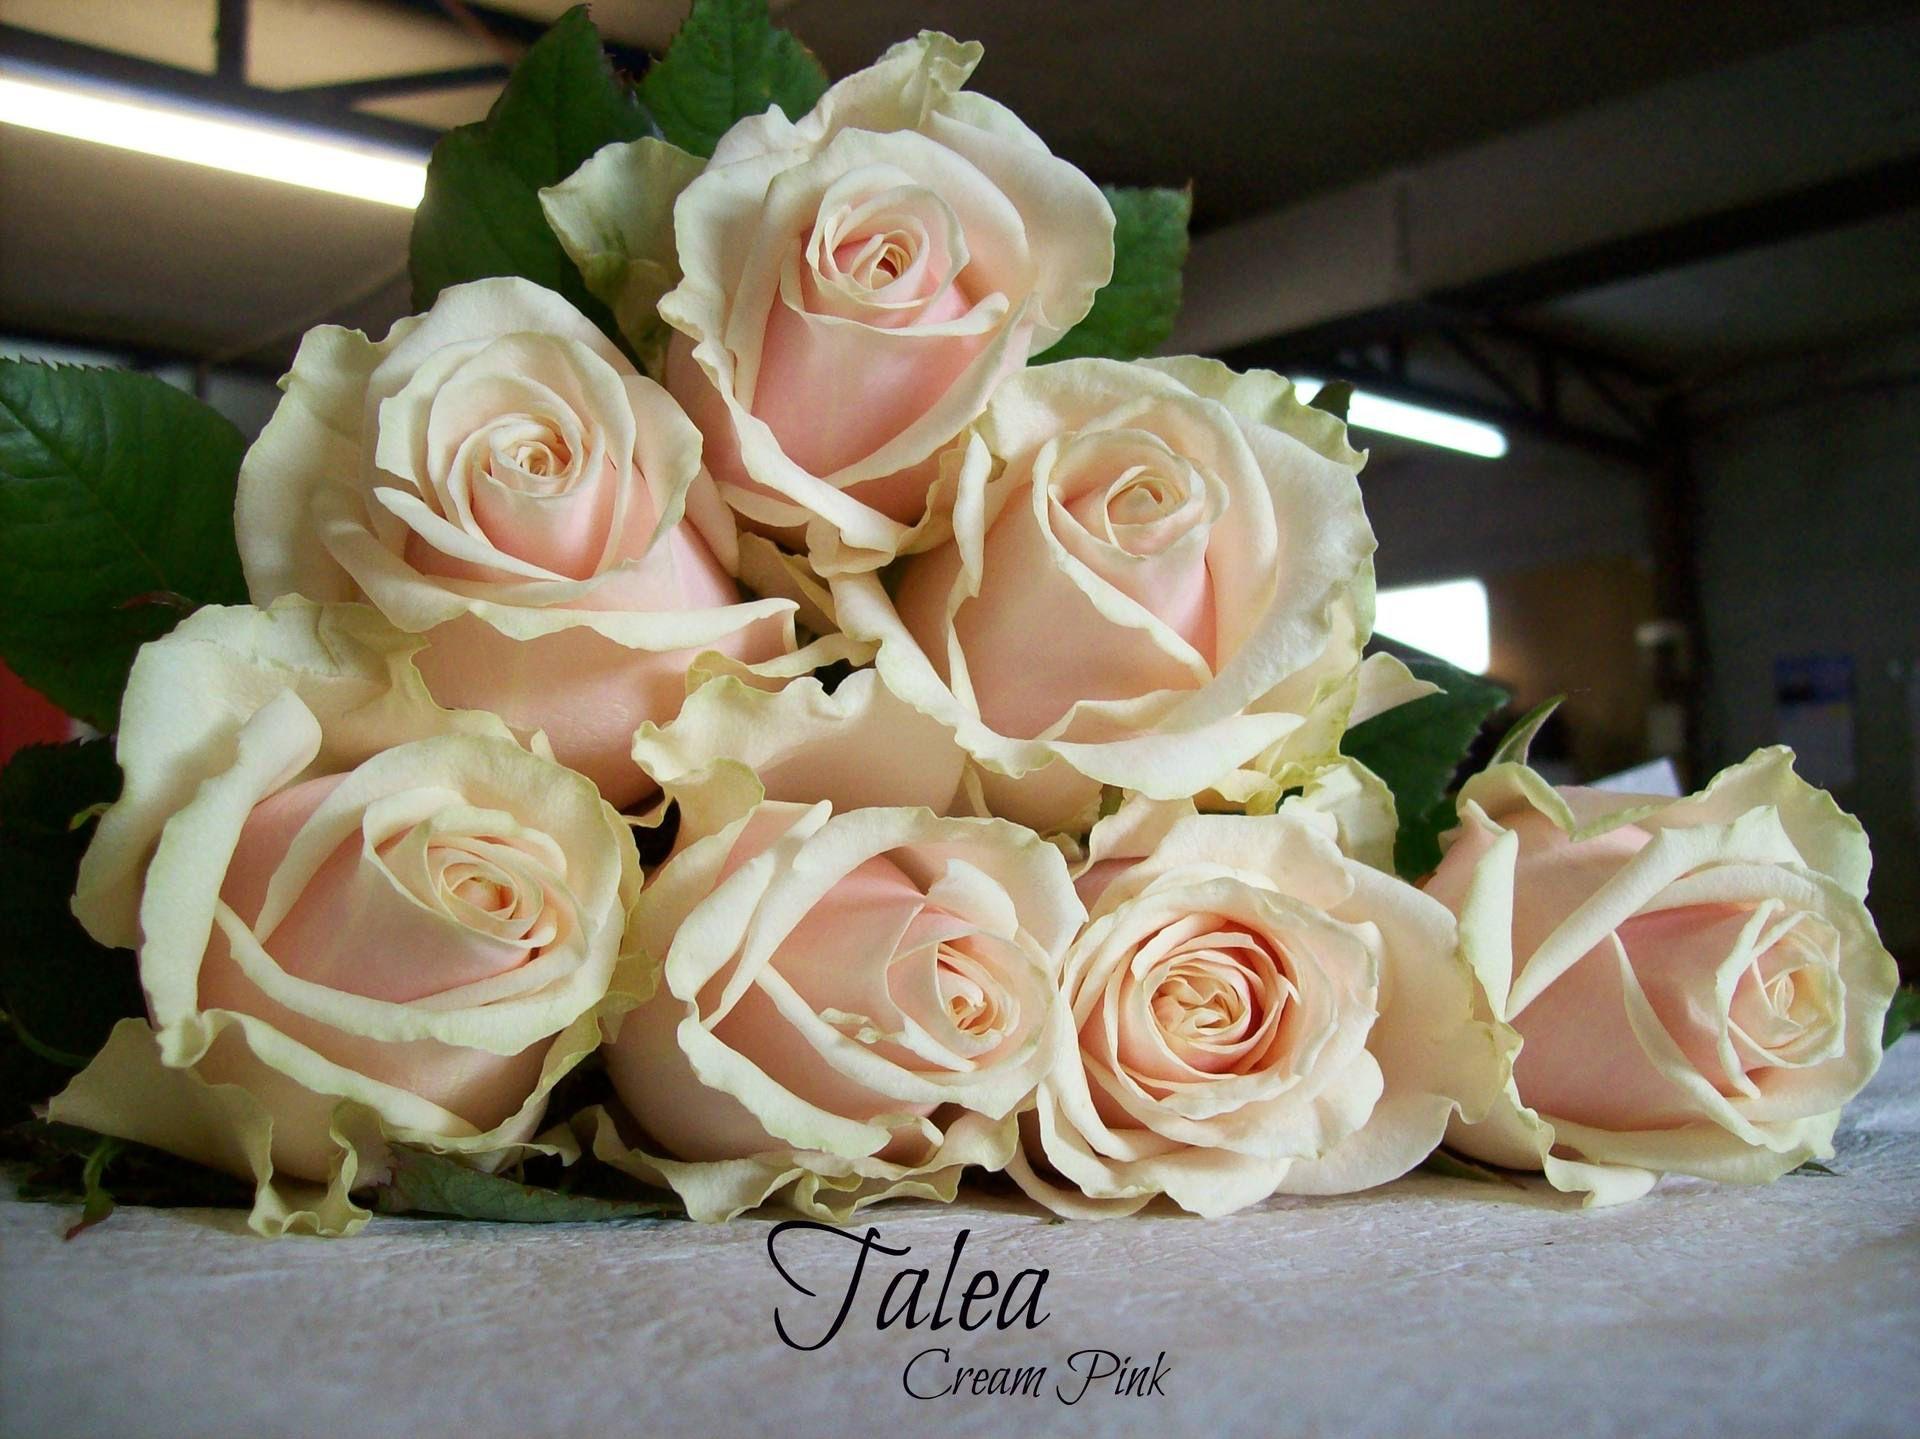 Сорт голландской розы Талеа